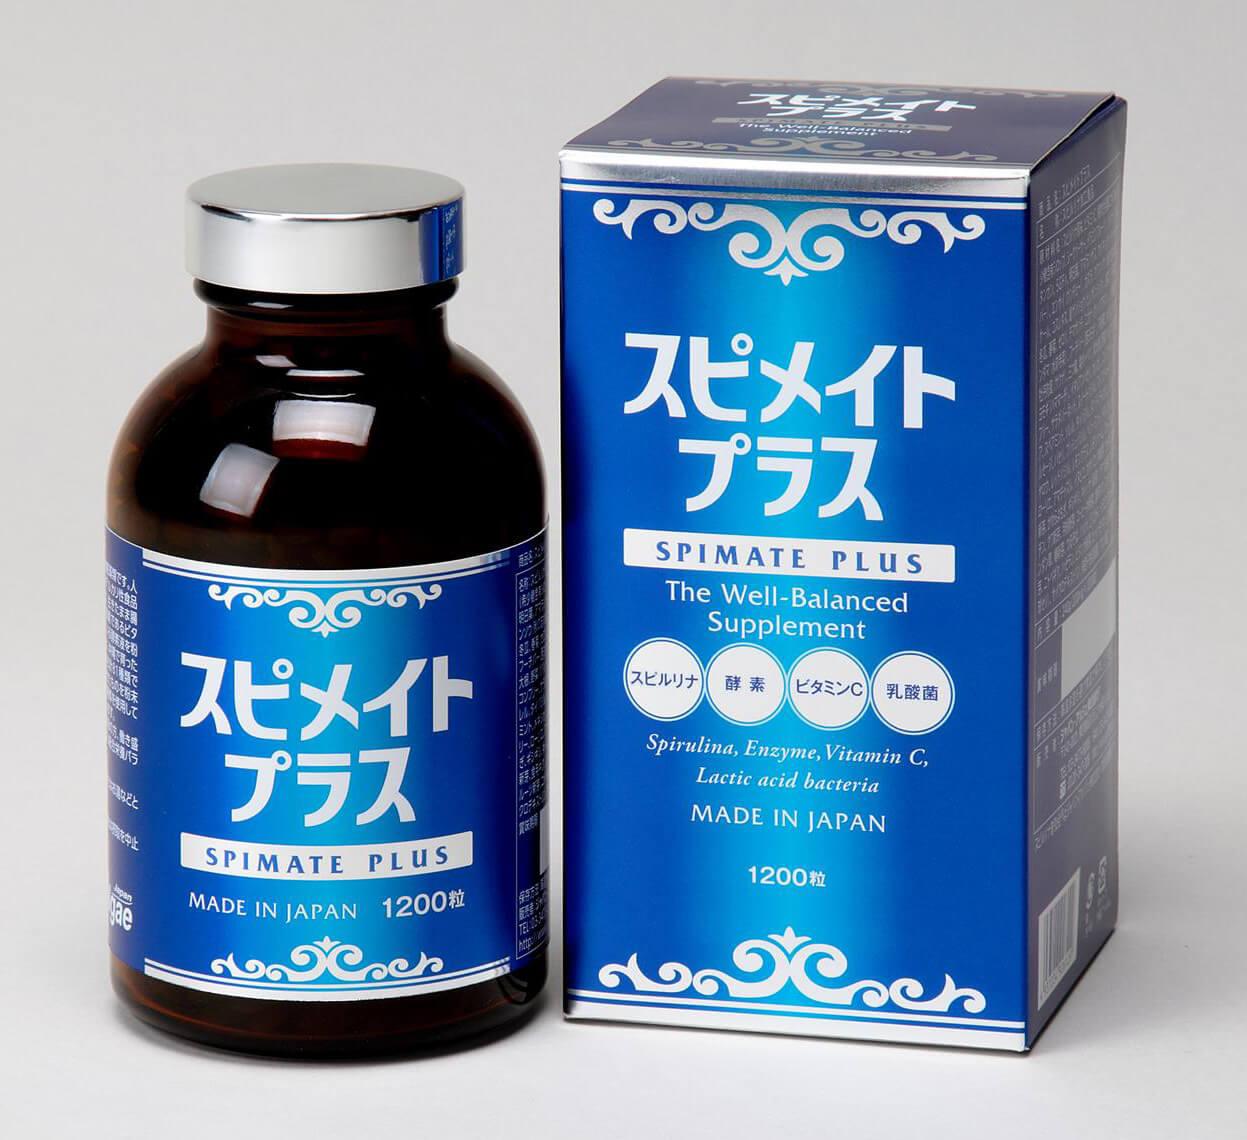 Tao-Spimate-Plus-1200-vien